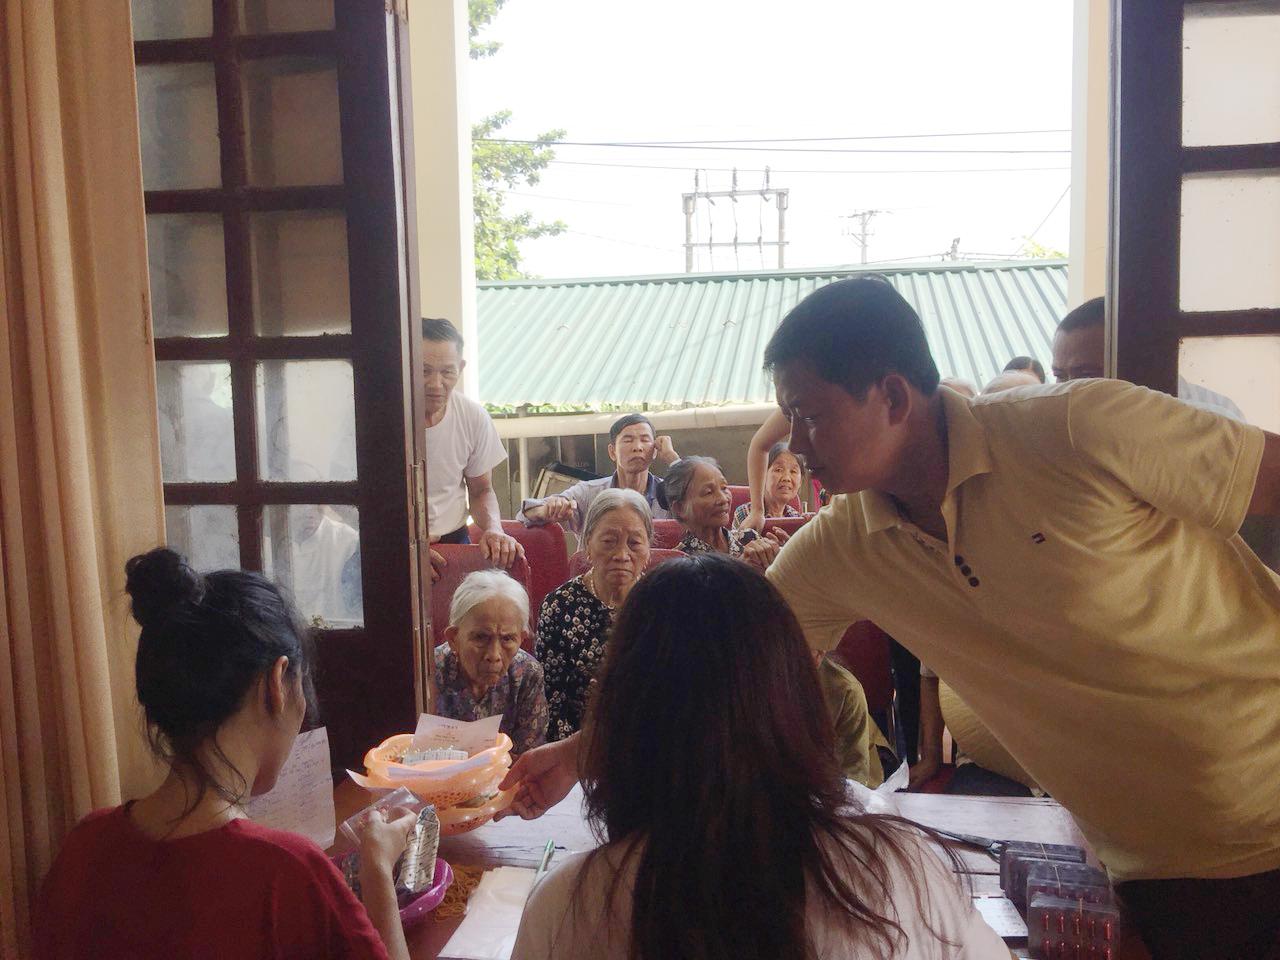 Nghệ An: 600 người dân nghèo huyện Thanh Chương được khám bệnh, cấp thuốc miễn phí - Ảnh 6